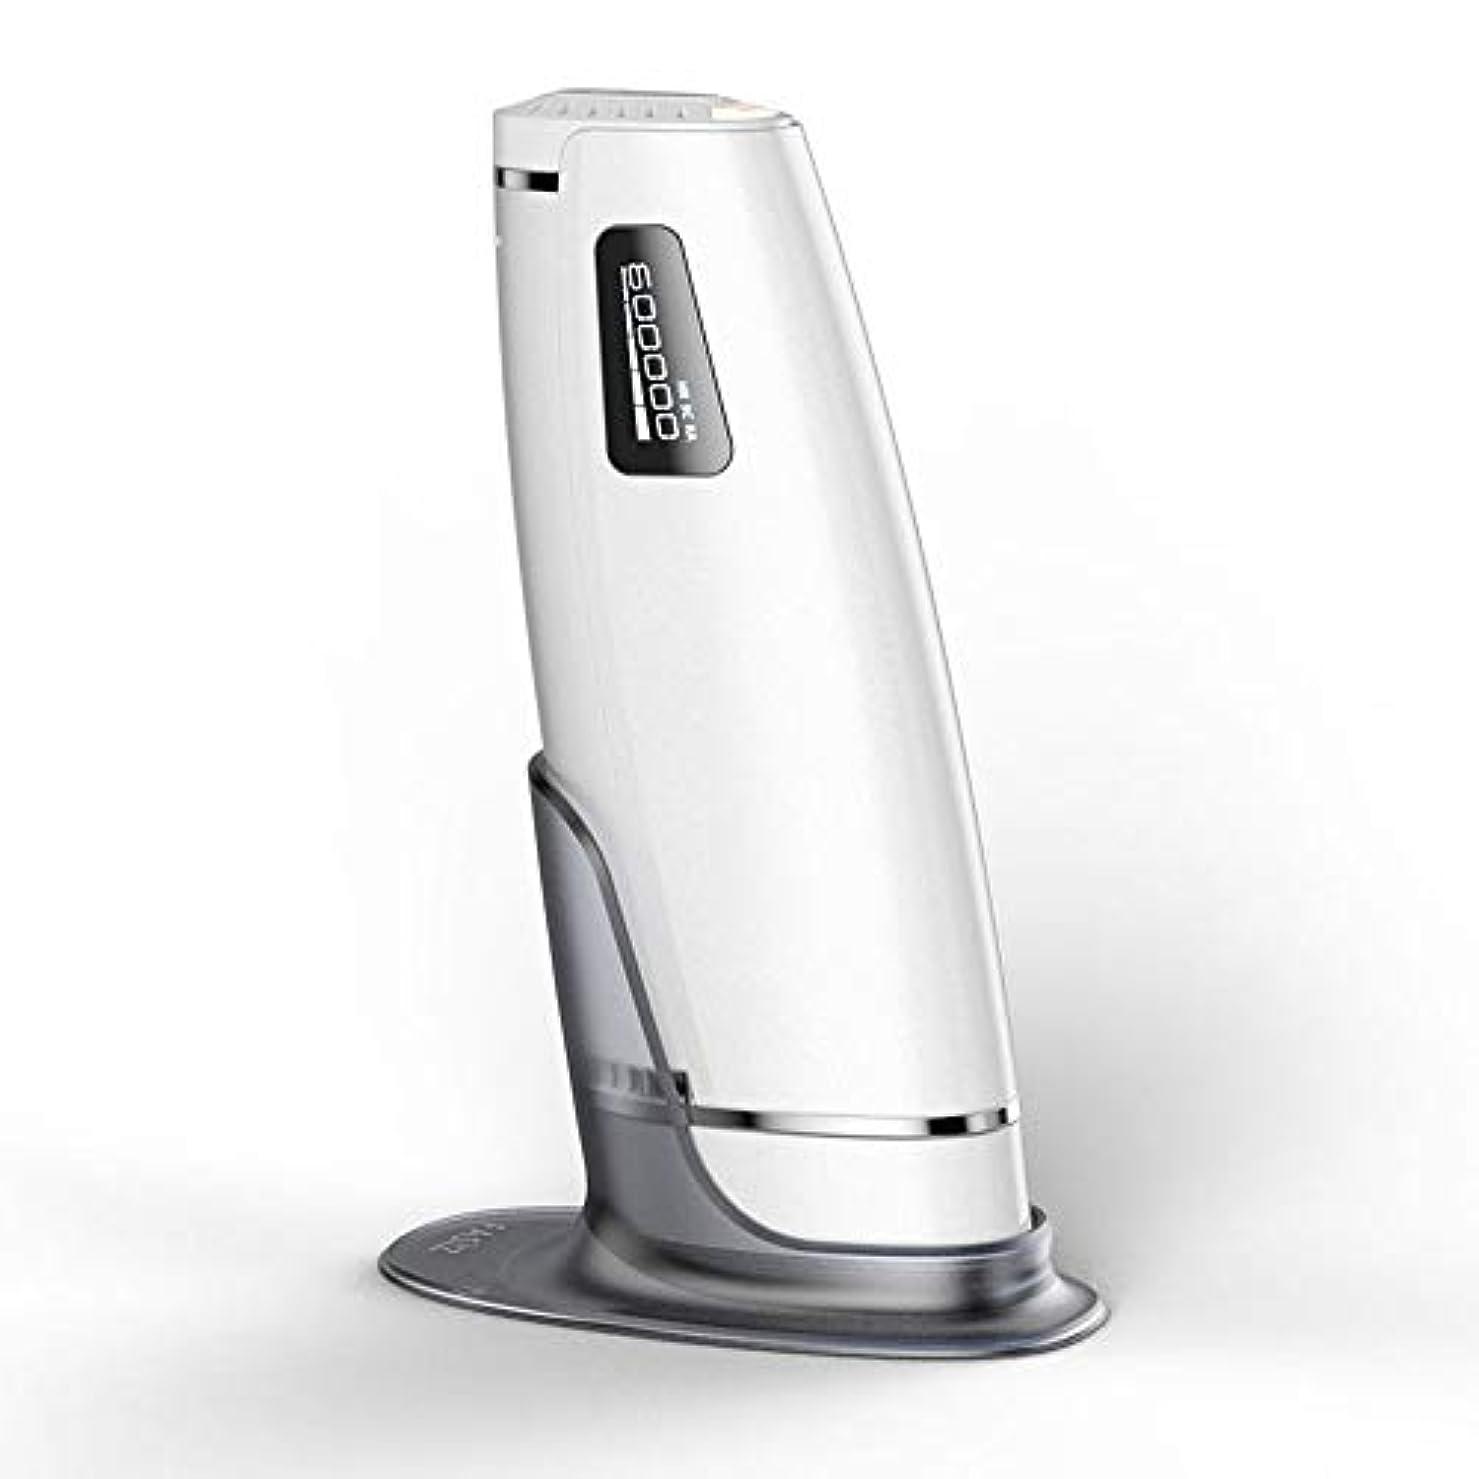 櫛治す地質学家庭用自動痛みのない毛の除去剤、白、携帯用永久的な毛の除去剤、二重モード、5つの速度調節、サイズ20.5 X 4.5 X 7 Cm 安全性